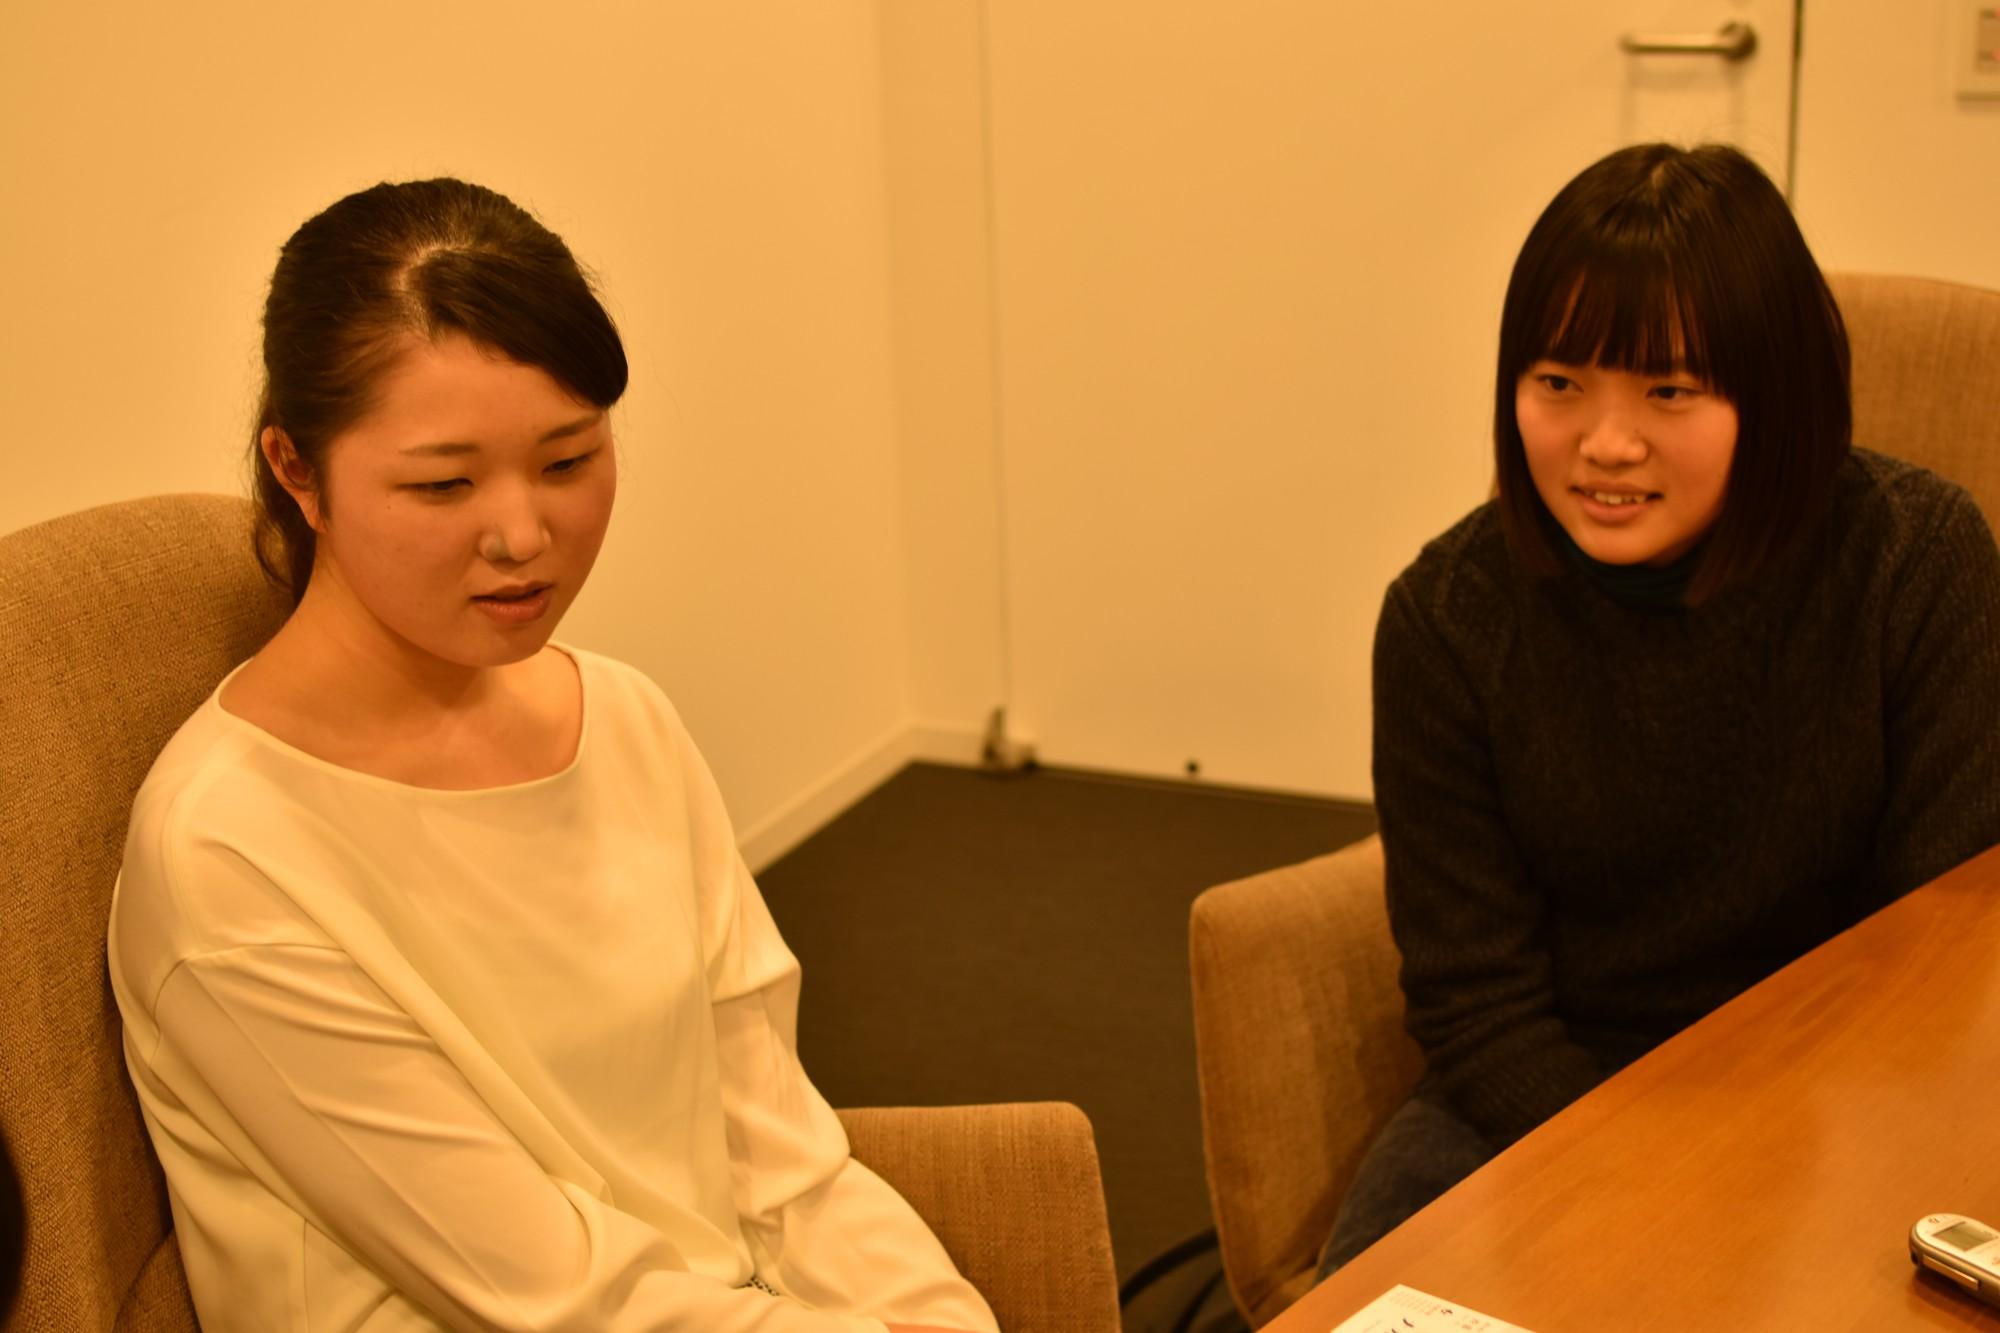 左・大関千尋さん、右・知野悠花さん。